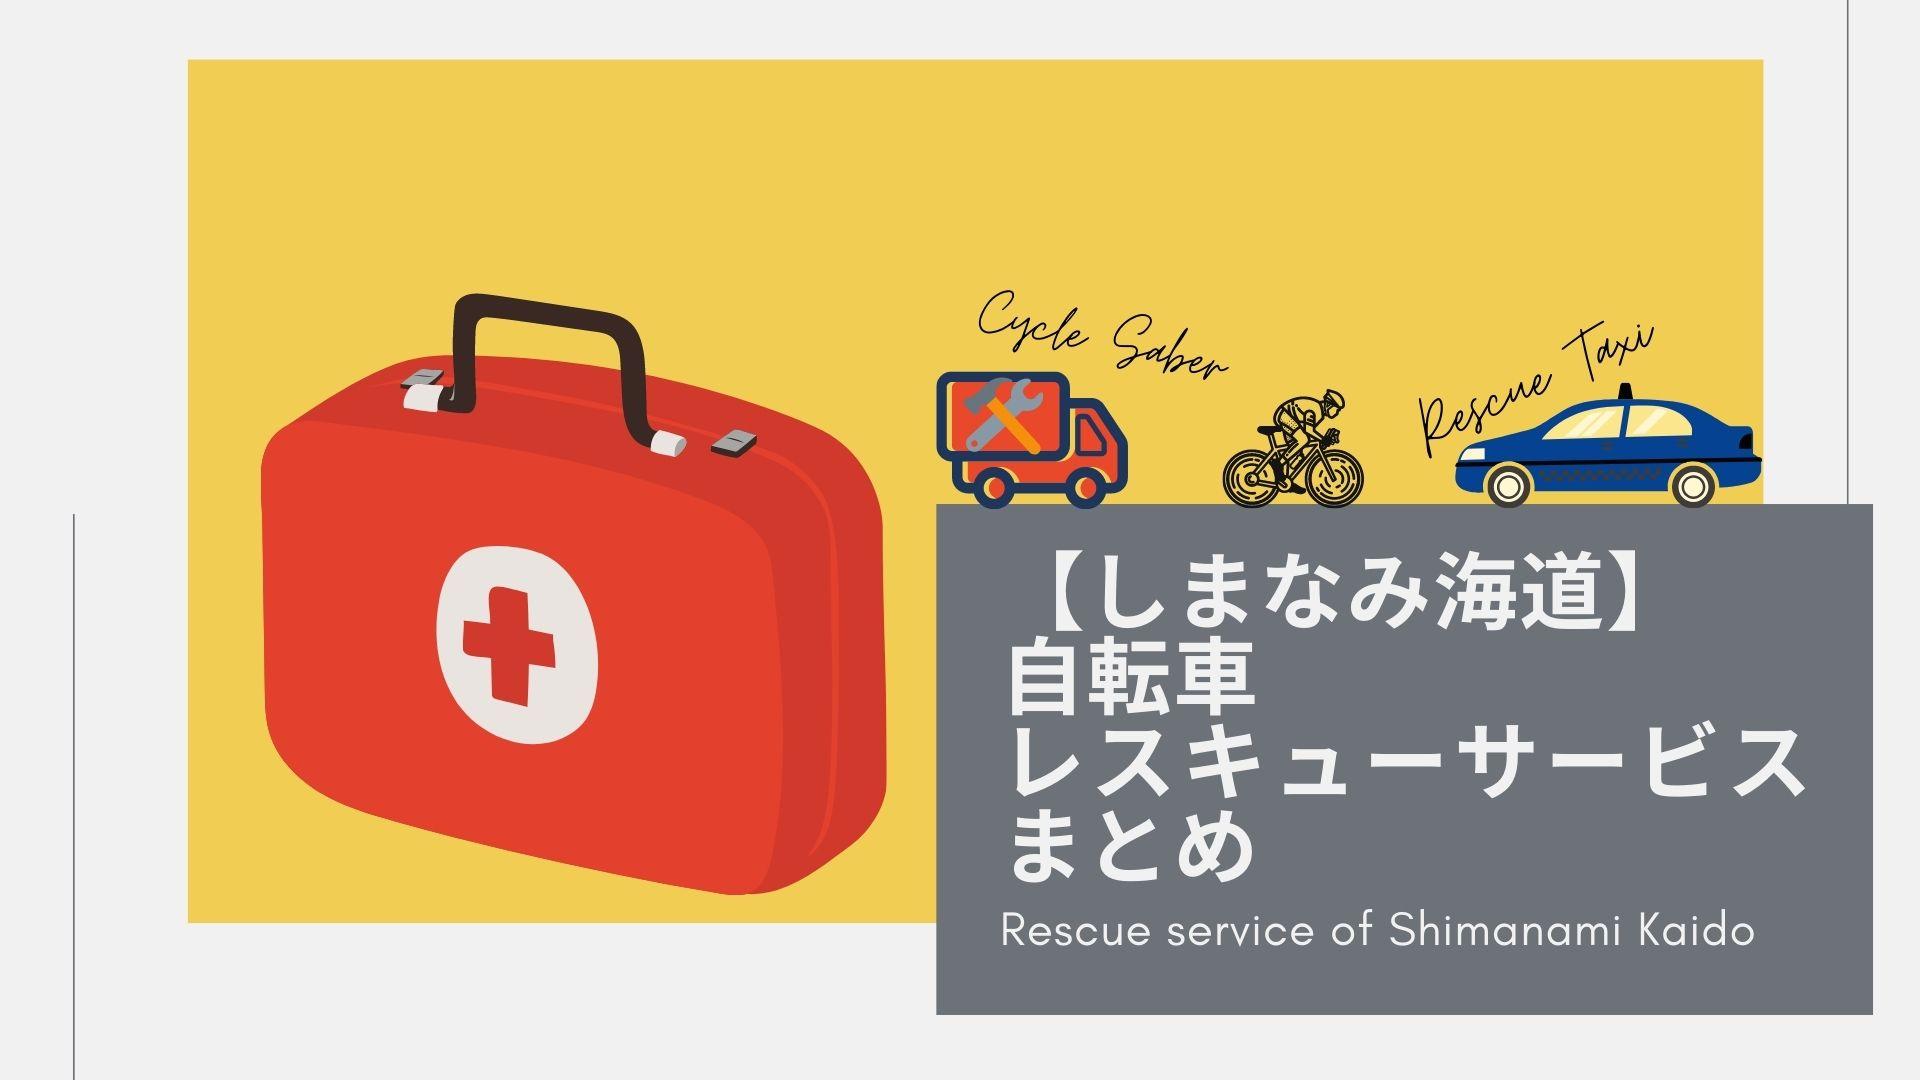 【しまなみ海道】 自転車 レスキューサービスまとめ